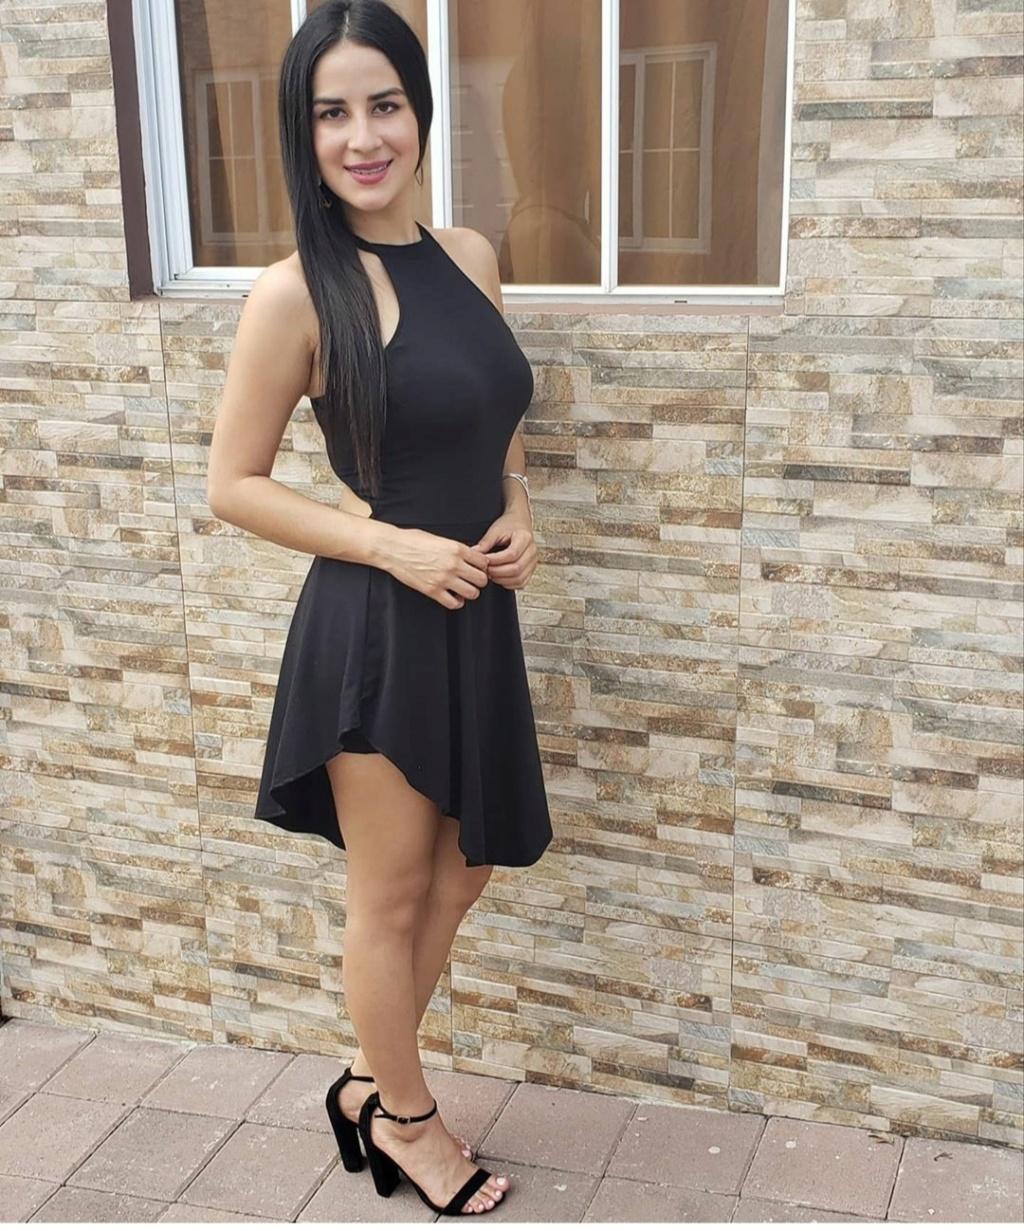 DEBATE sobre belleza, guapura y hermosura (fotos de chicas latinas, mestizas, y de todo) - VOL II - Página 14 Img_2545